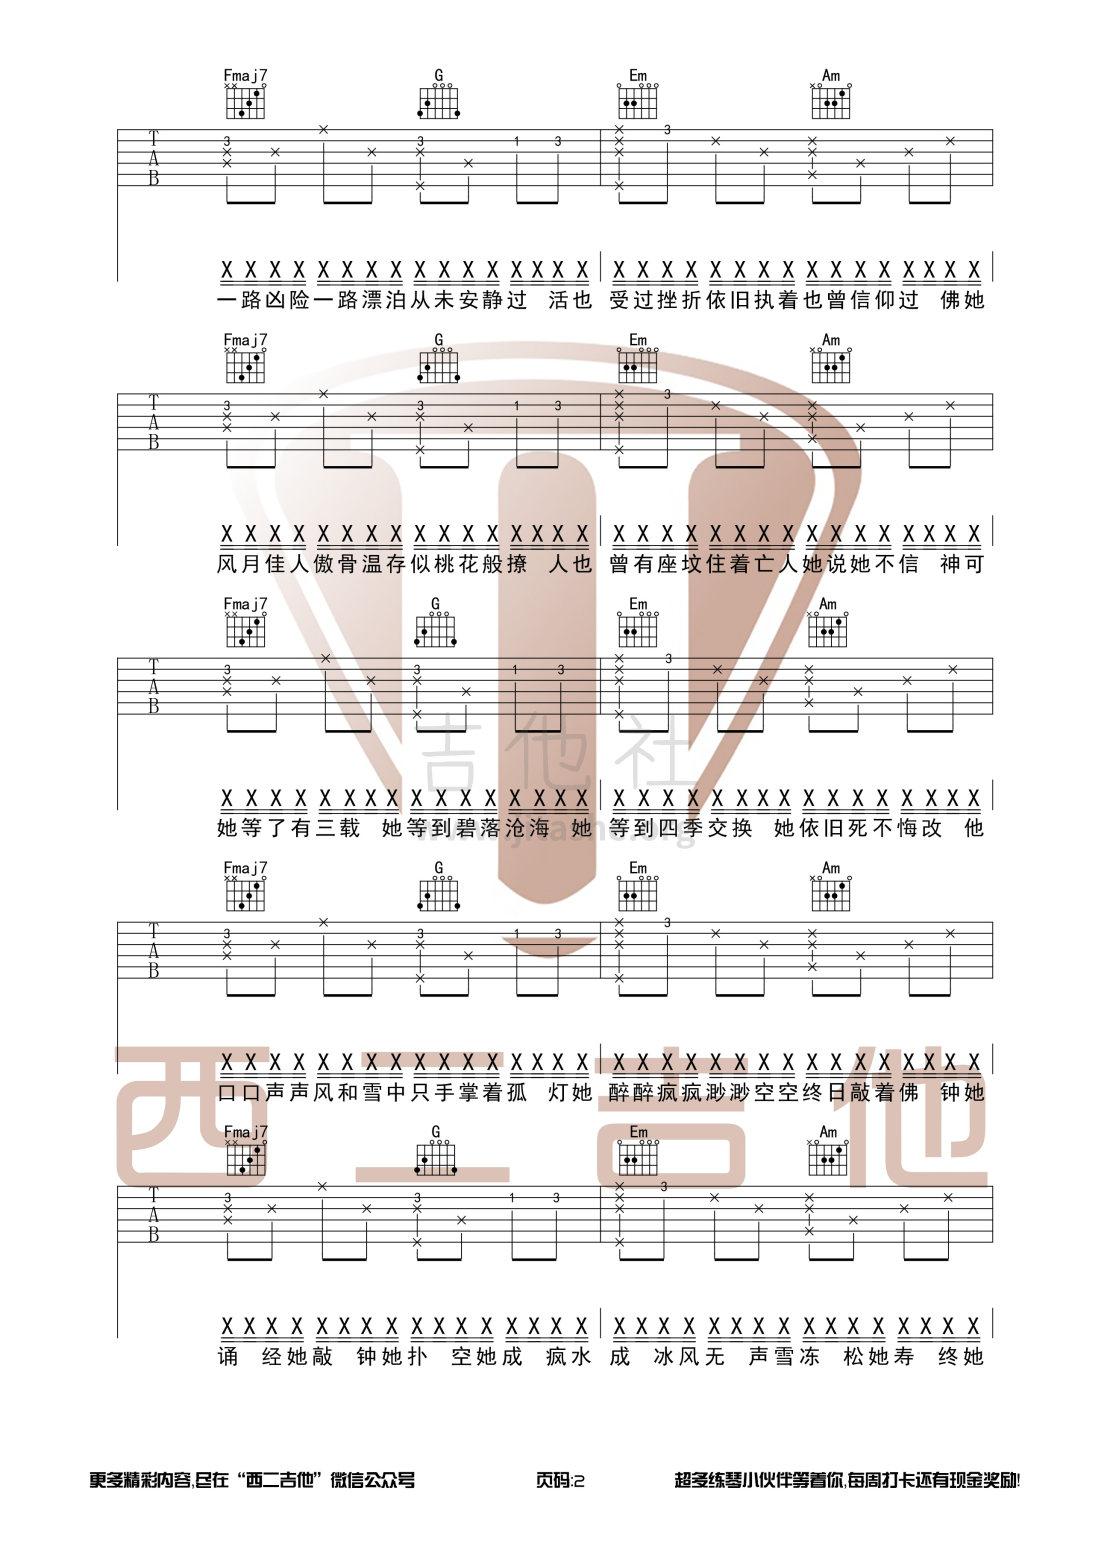 我的将军啊吉他谱(图片谱,西二吉他,C调,原版)_MC半阳_我的将军啊2.jpg